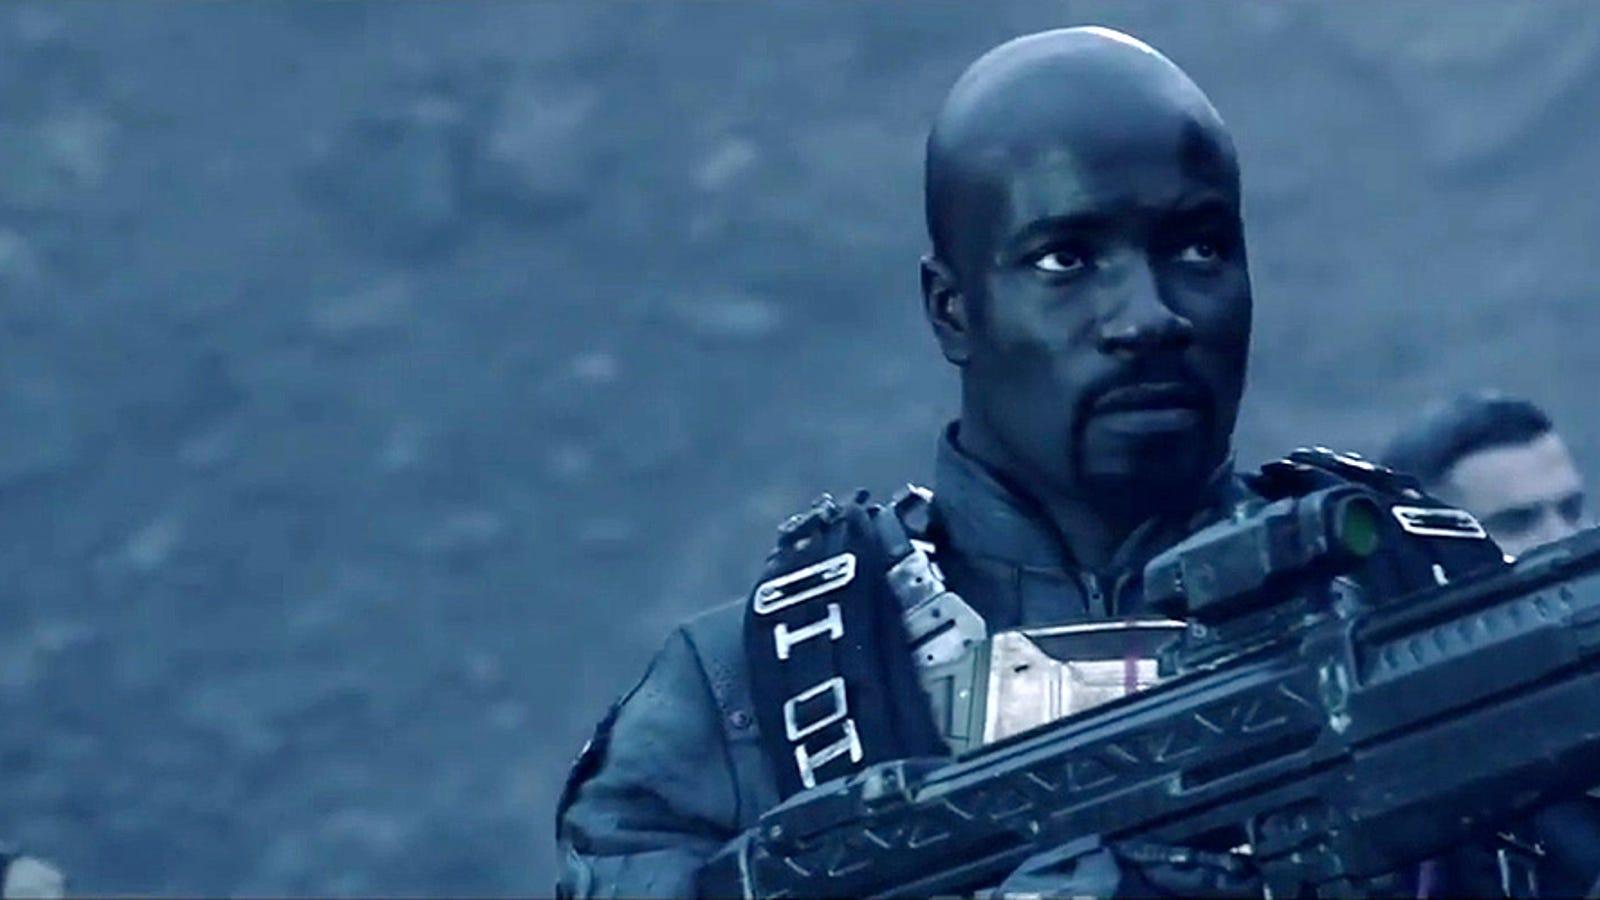 Este es el primer tráiler de la serie de televisión Halo: Nightfall